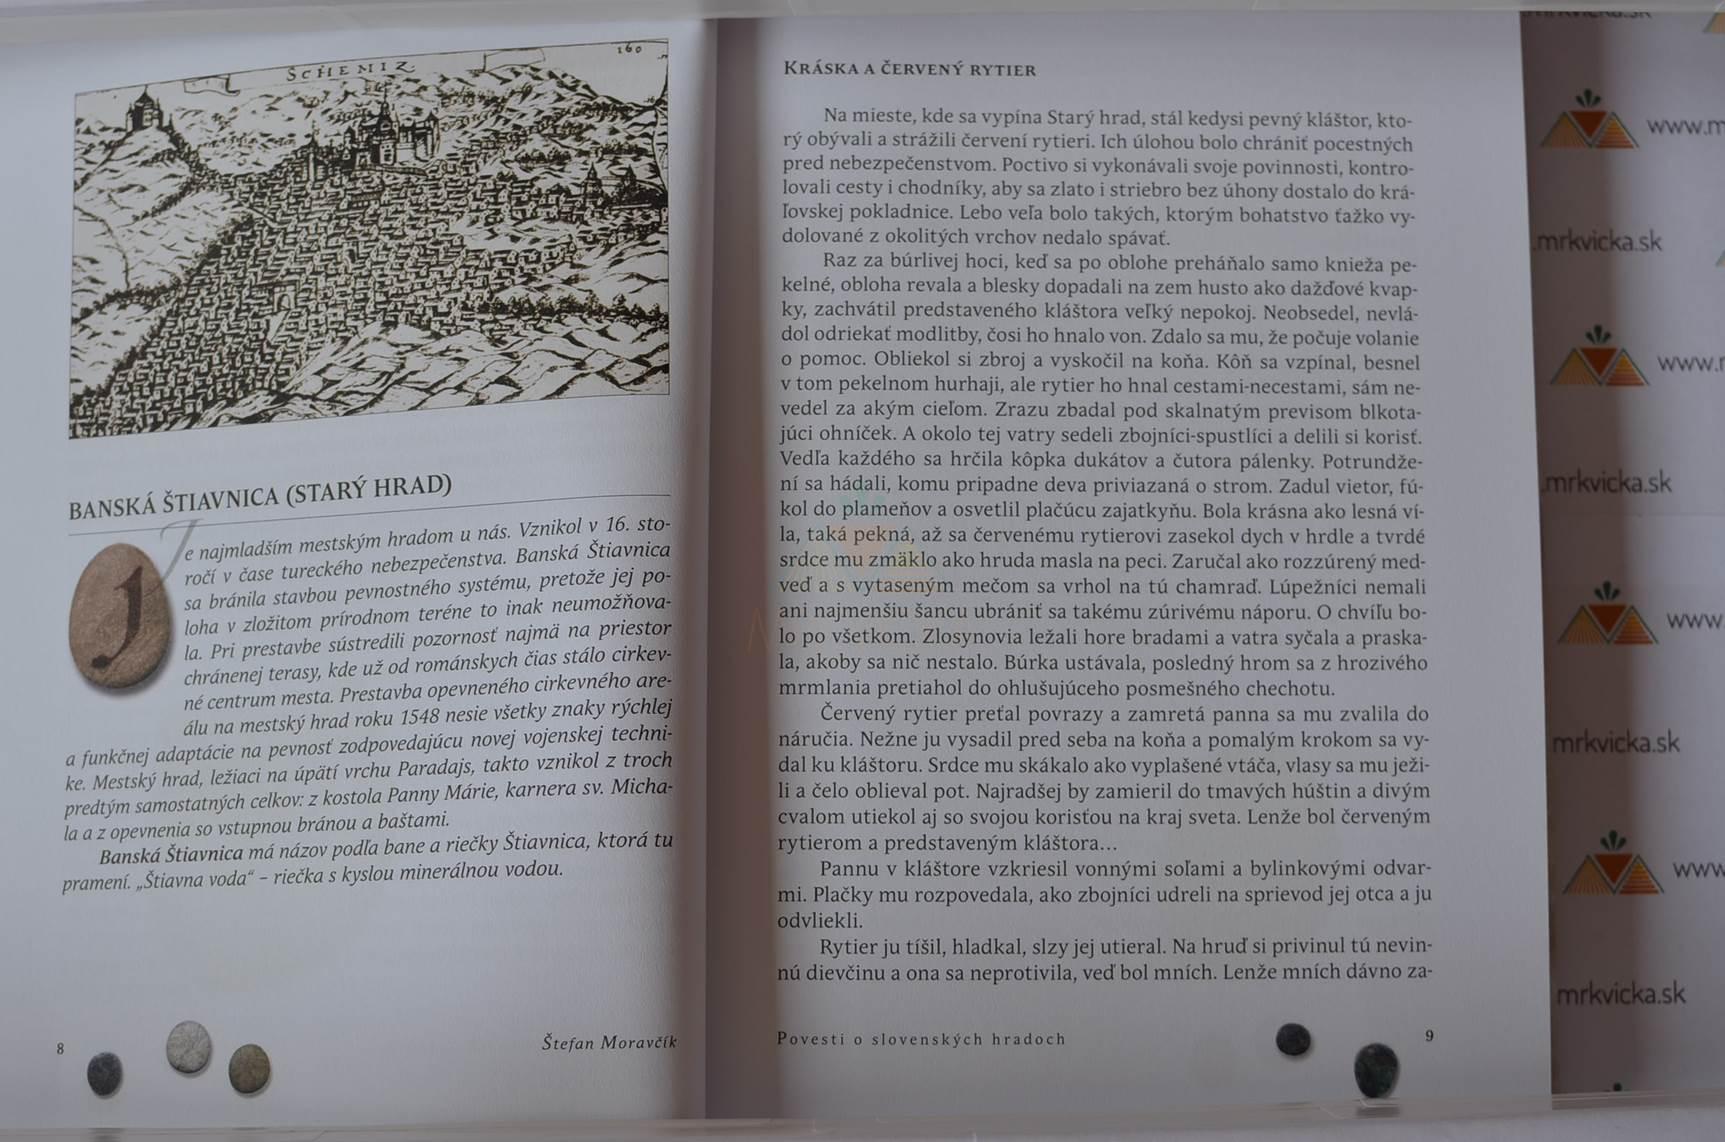 73221169e Mrkvicka.sk, povesti pre deti a mládež, Povesti o slovenských hradoch